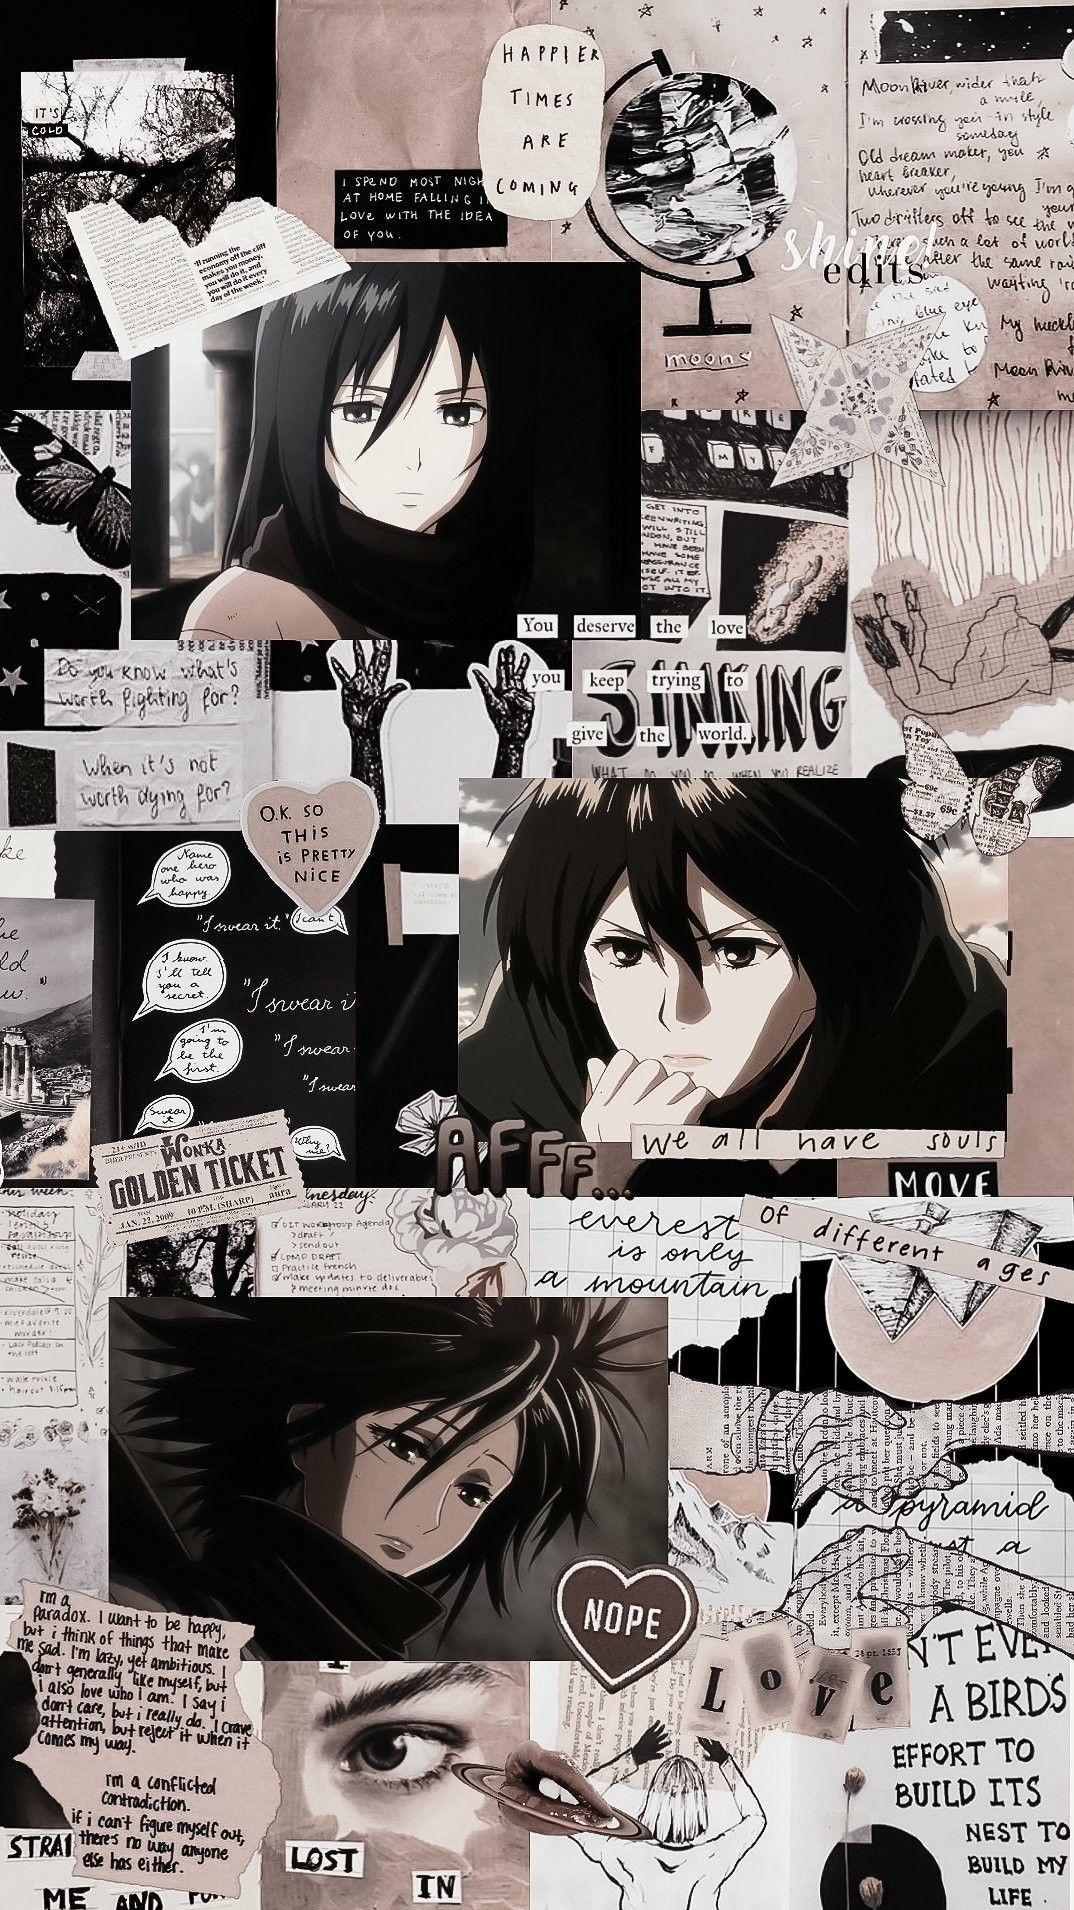 Pin Oleh Sarita Castillejo Di Aesthetic Wallpaper Y Dibujos Di 2020 Seni Anime Ilustrasi Poster Ilustrasi